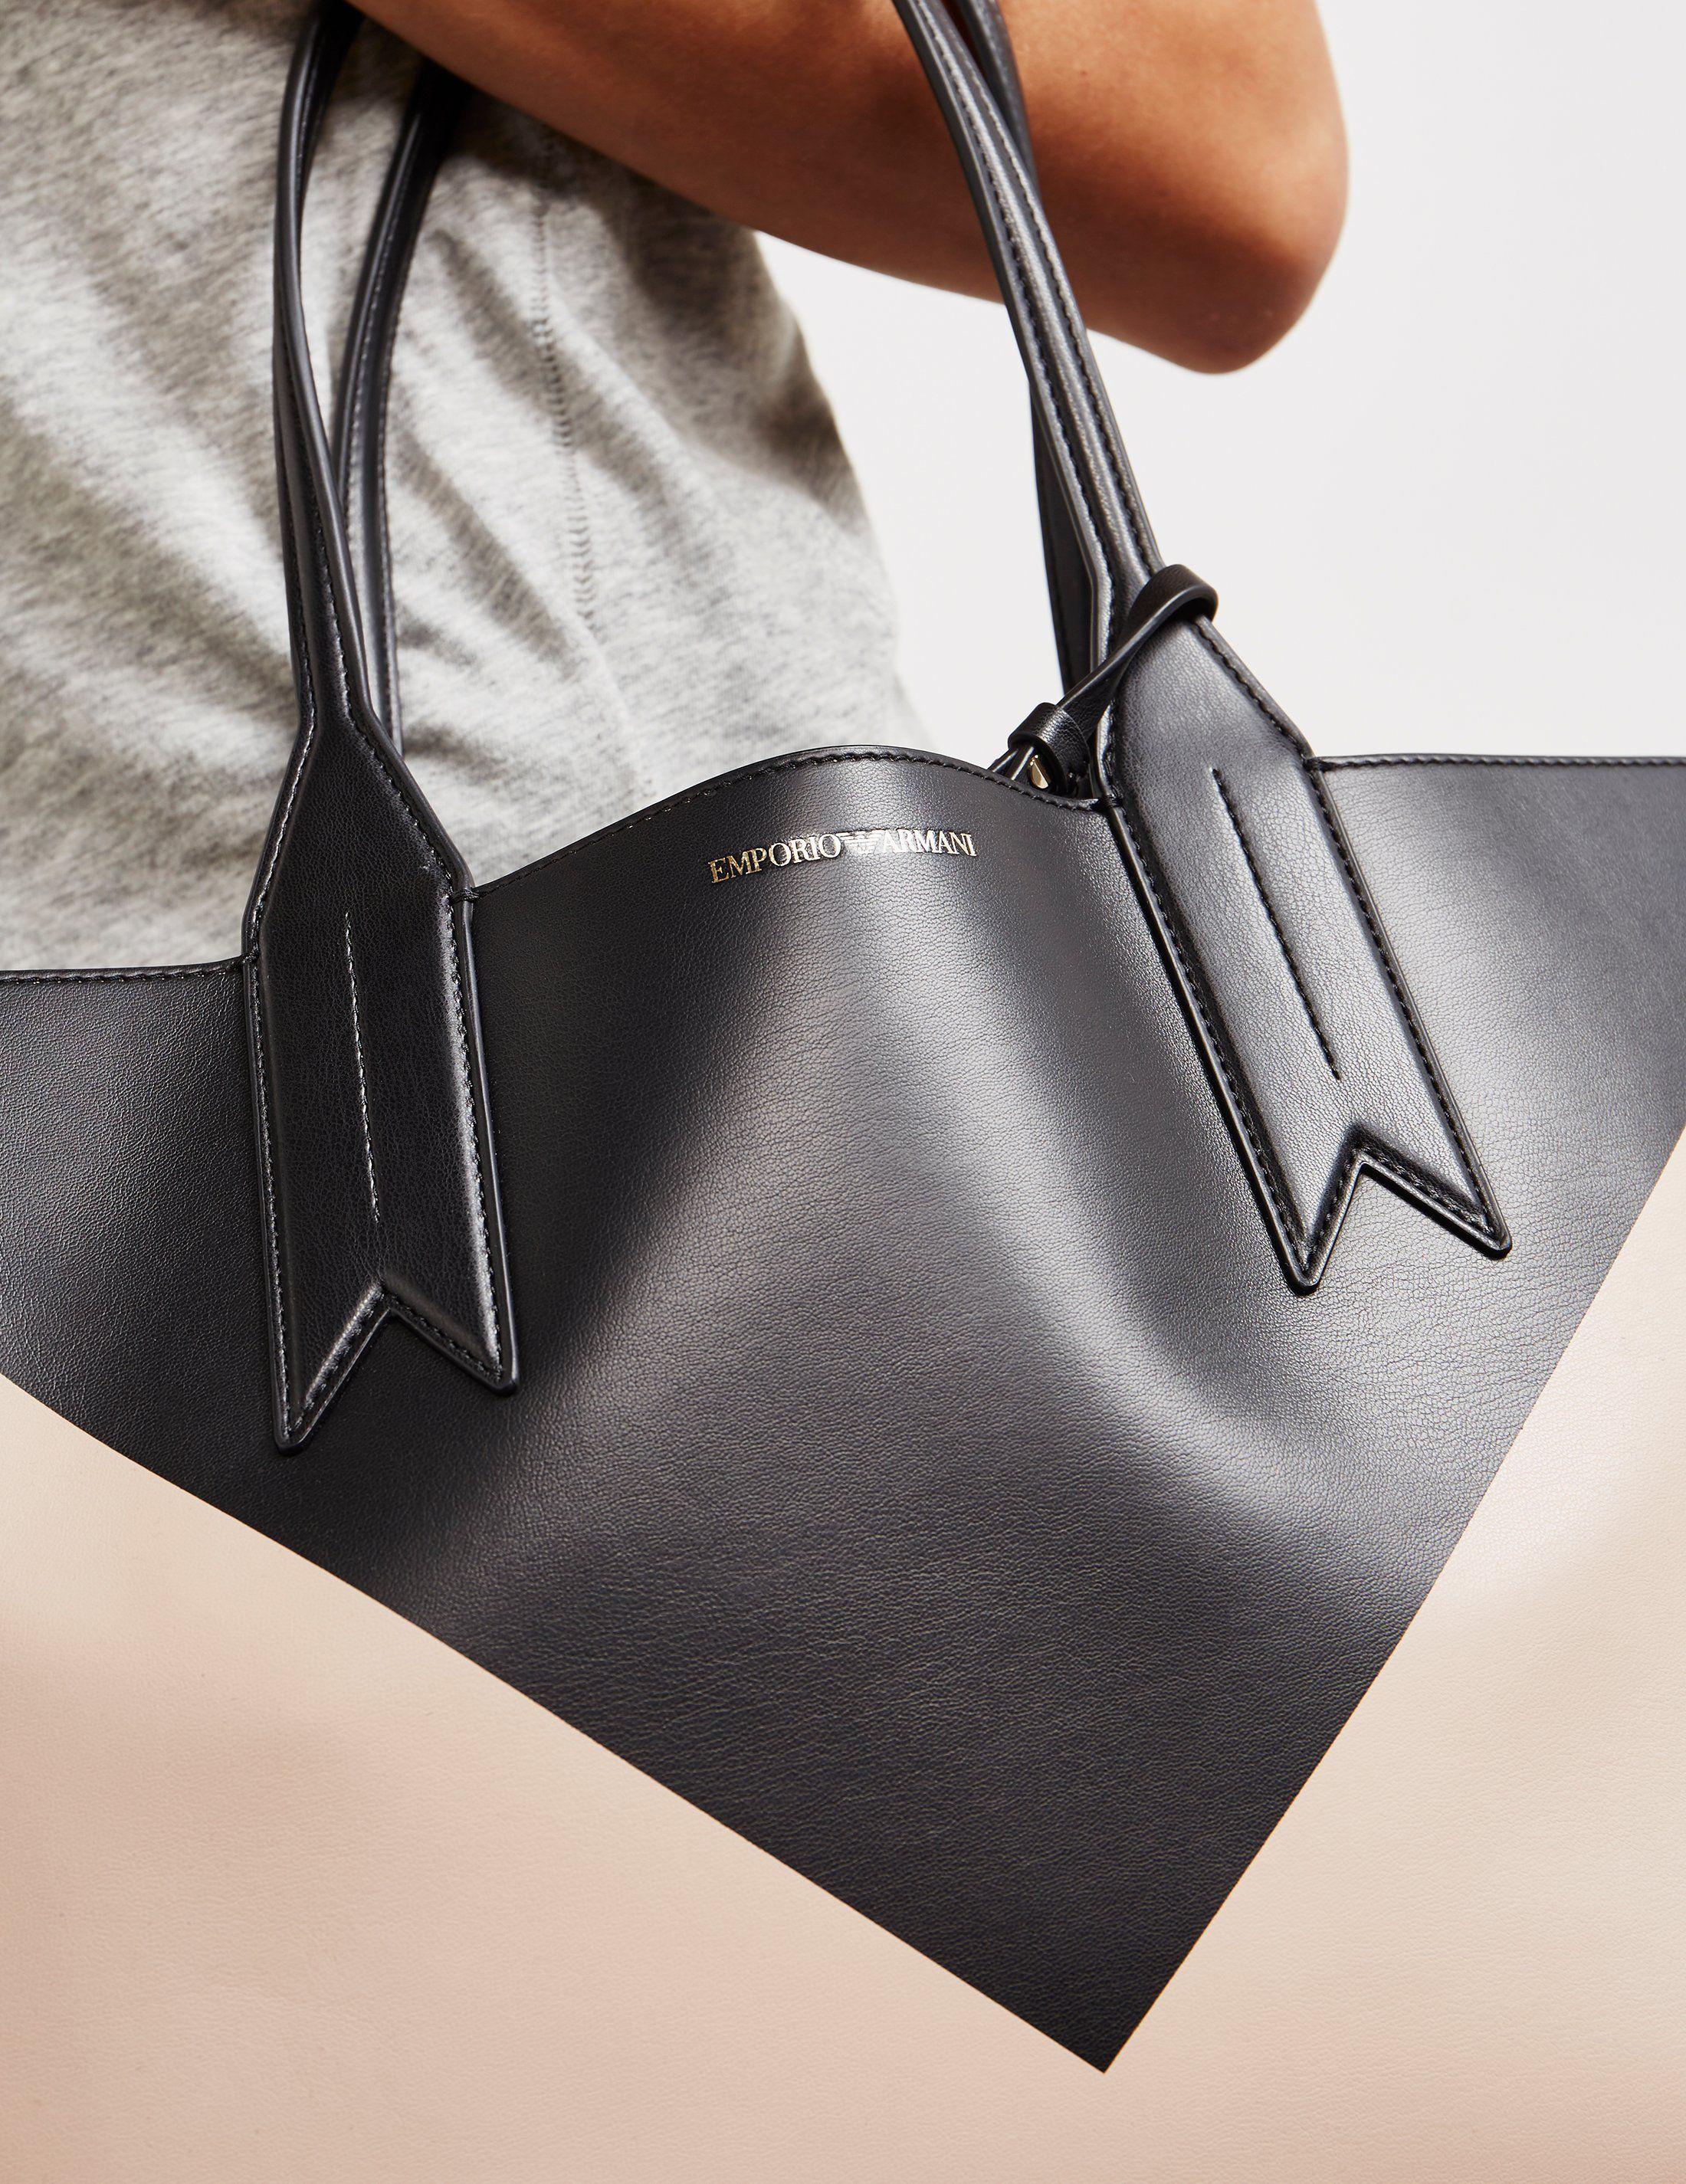 Emporio Armani Frida Shopper Bag